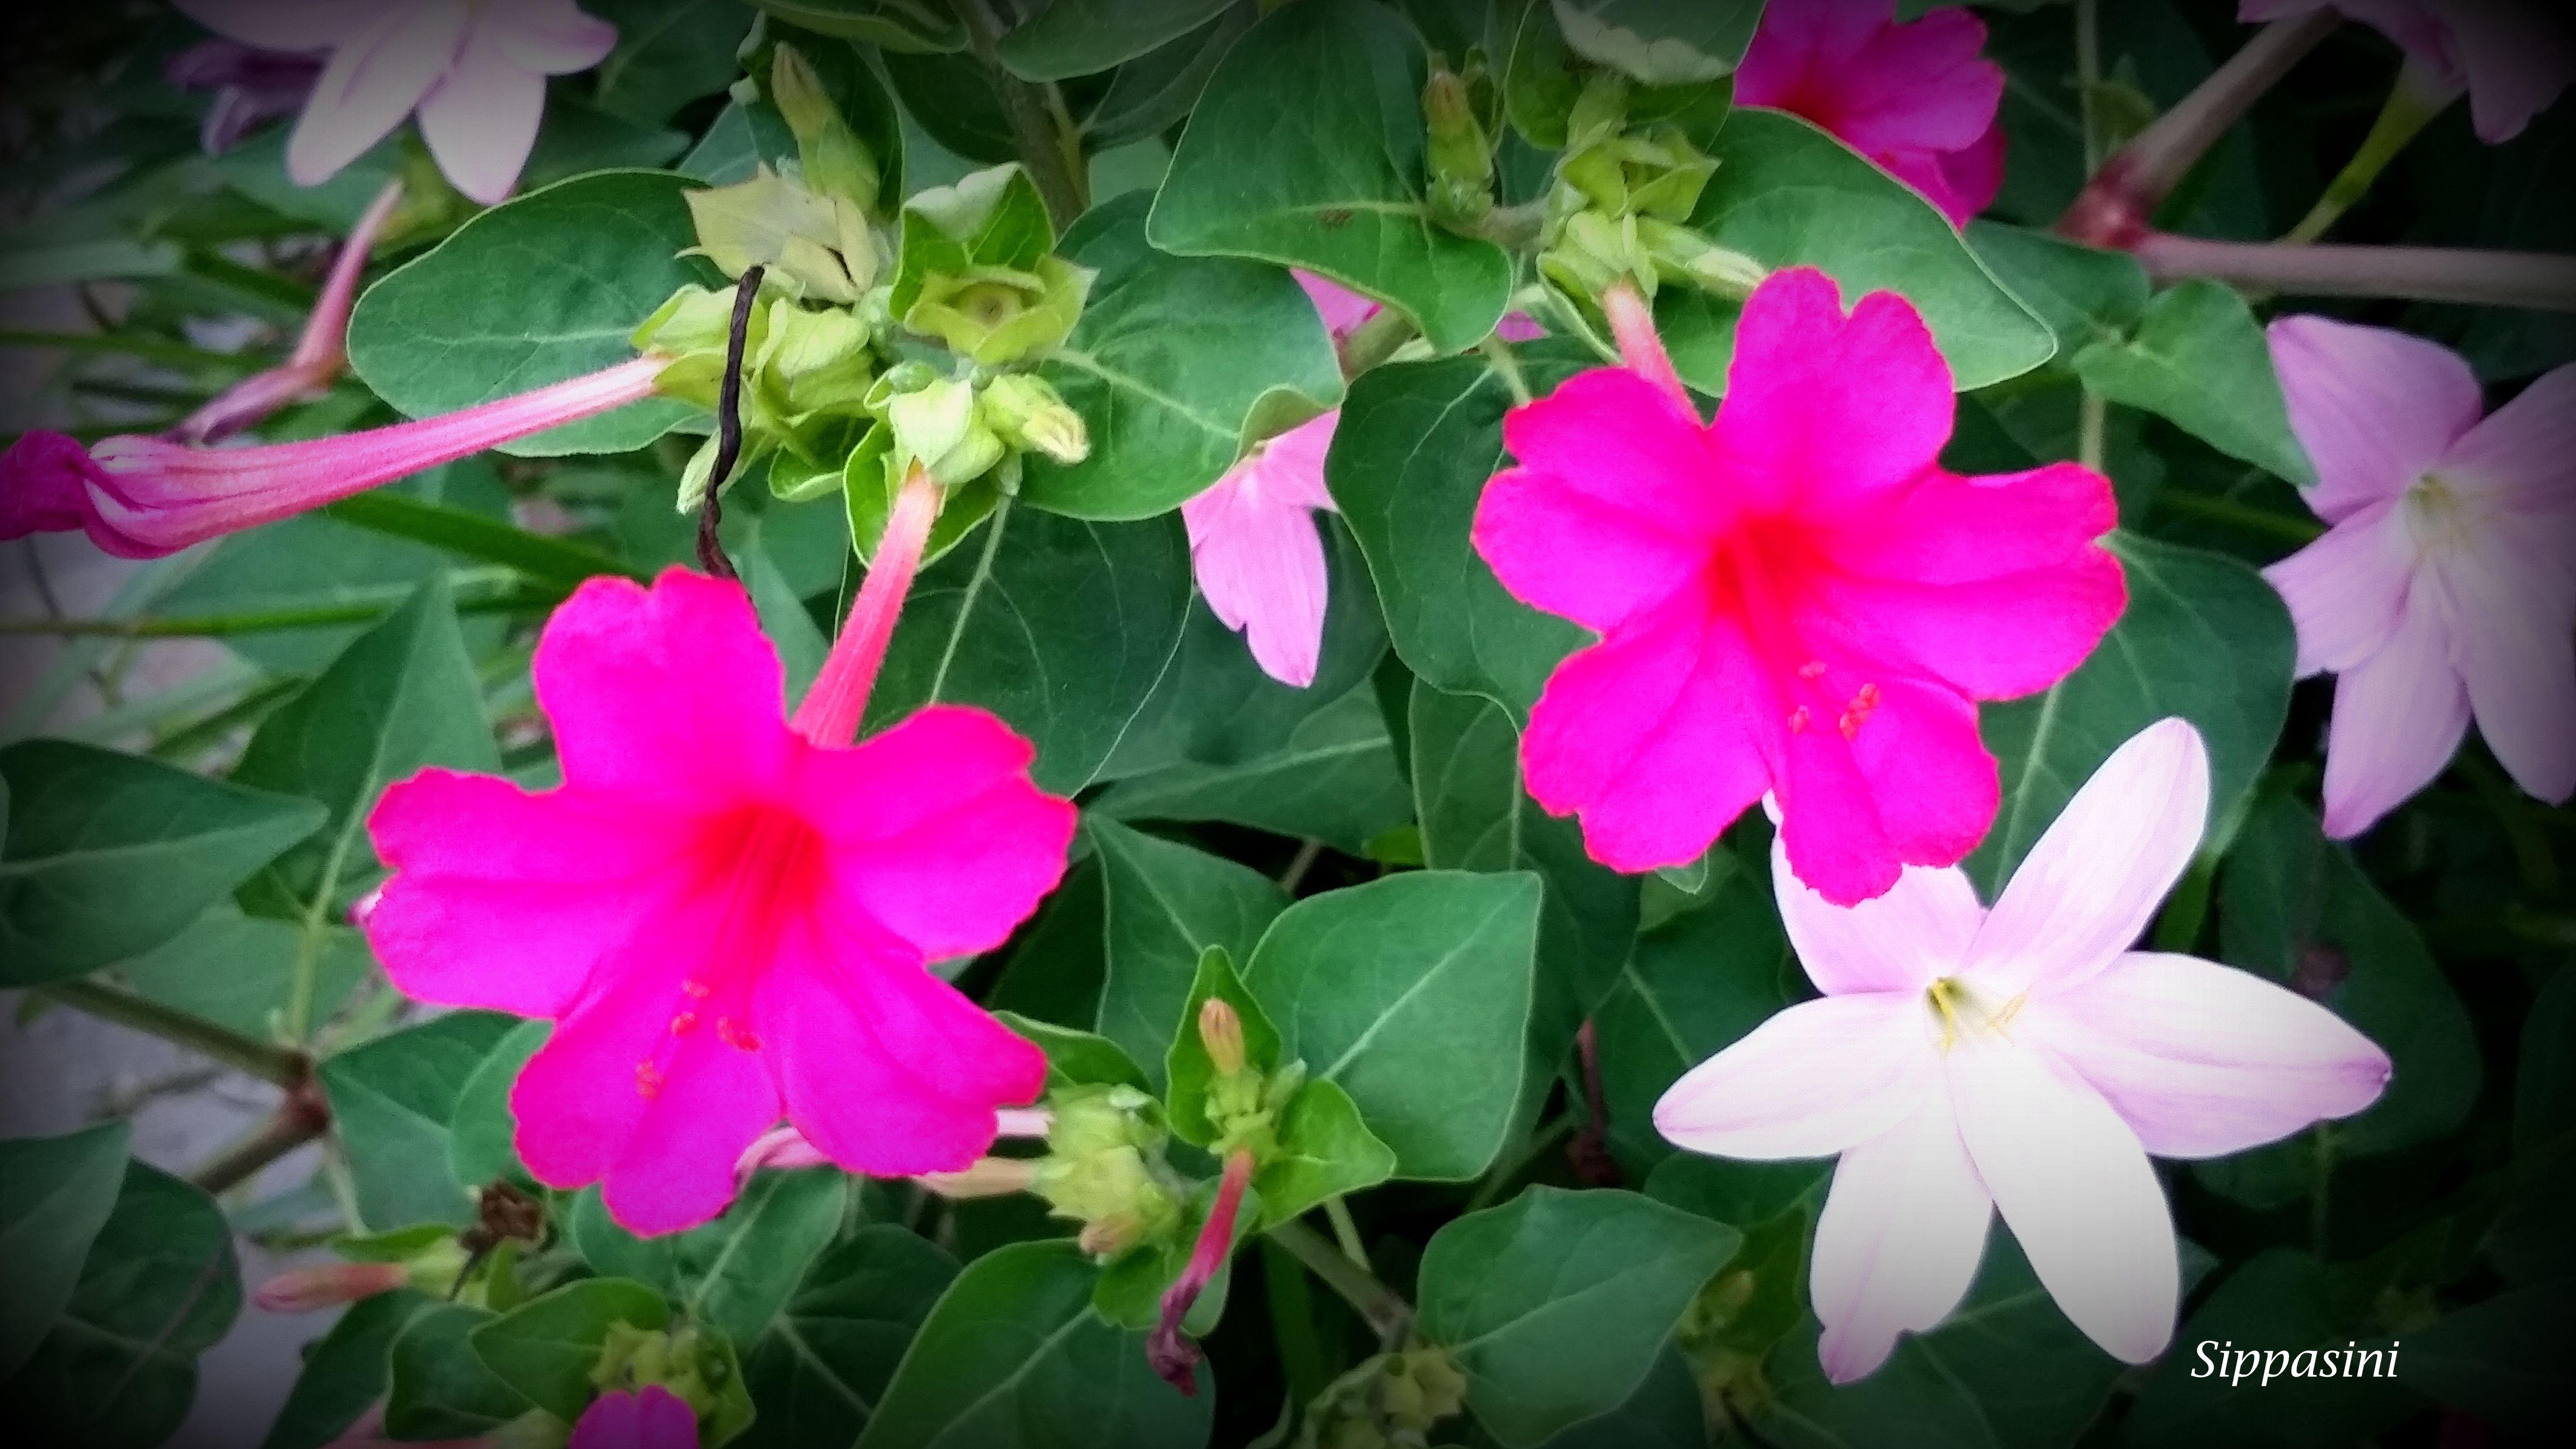 mirabilis shower flower china purple jasmine hong kong mirabilis shower flower china purple jasmine hong kong izmirmasajfo